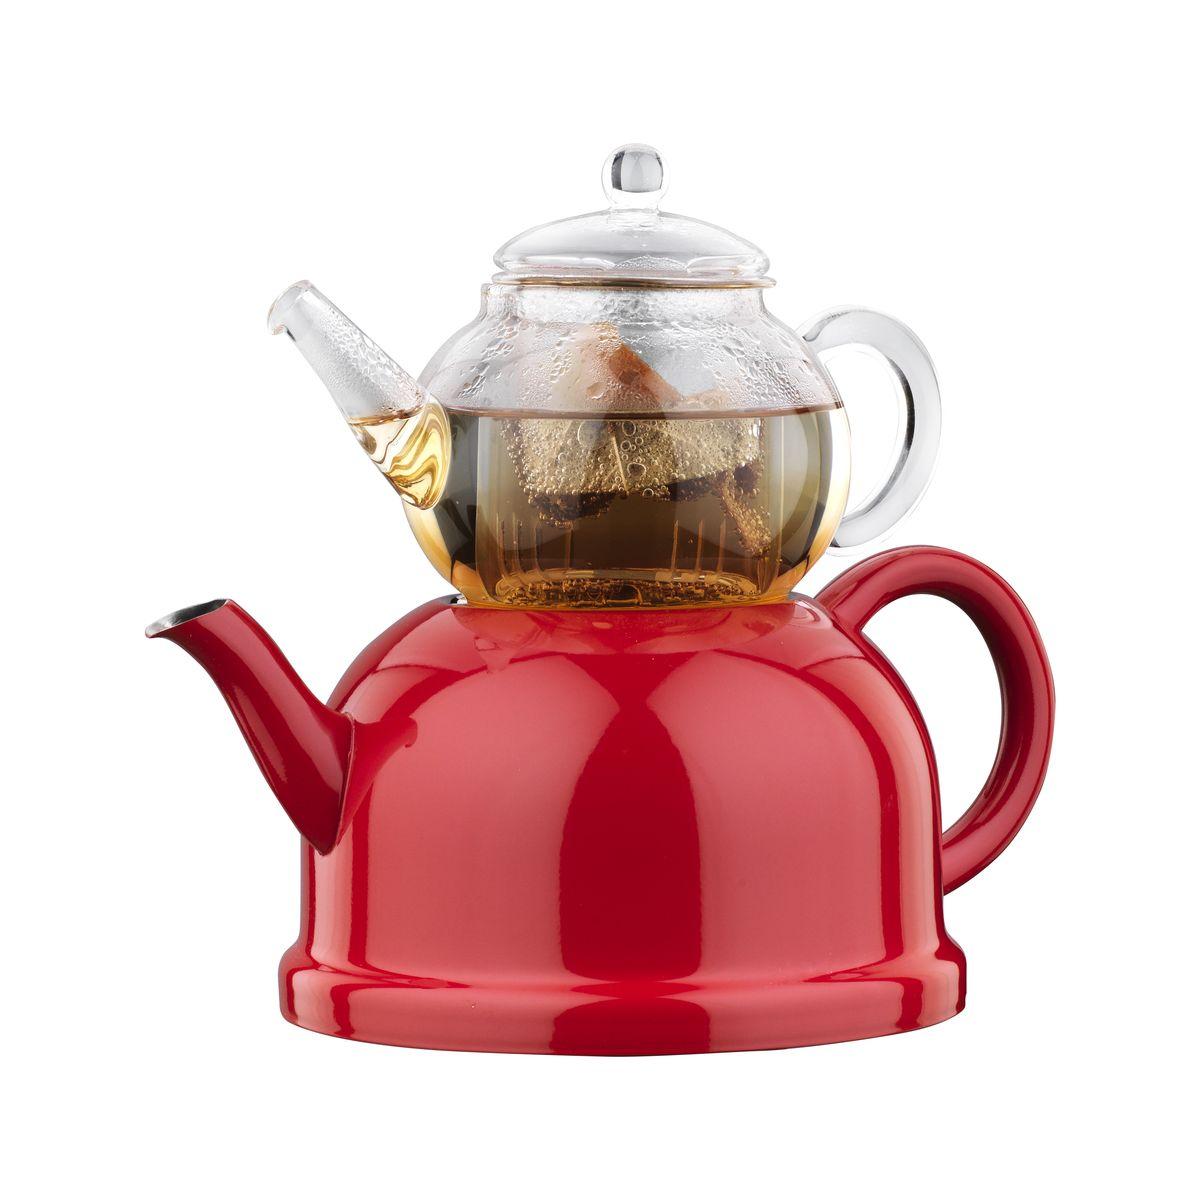 Чайная пара Korkmaz Nosta Midi: чайник, заварник, цвет: прозрачный, красныйA083Чайная пара Korkmaz Nosta Midi состоит из чайника и заварника. Чайник изготовлен из высокопрочной хромо-никелевой нержавеющей стали марки 18/10. Индукционное дно обеспечивает наилучшее распределение и сохранение тепла. Термоустойчивость поверхности чайника к высоким температурам. Заварник изготовлен из экологически-чистого высококачественного боросиликатного стекла. Стеклянный заварник выдерживает температуру от -20°С до +150°С. Чайник и заварник оснащены удобными эргономичными ручками и крышками. Современный, стильный дизайн и округлый силуэт чайной пары Korkmaz Nosta Midi придают посуде эстетичный вид. Внешняя поверхность чайника имеет цветное покрытие, а внутренняя поверхность - матовая. Отполированная до блеска поверхность длительное время сохраняет яркость. Для компактного хранения заварник ставится сверху на чайник. Чайник можно использовать на газовых, электрических, стеклокерамических, галогенных, индукционных плитах. Можно...